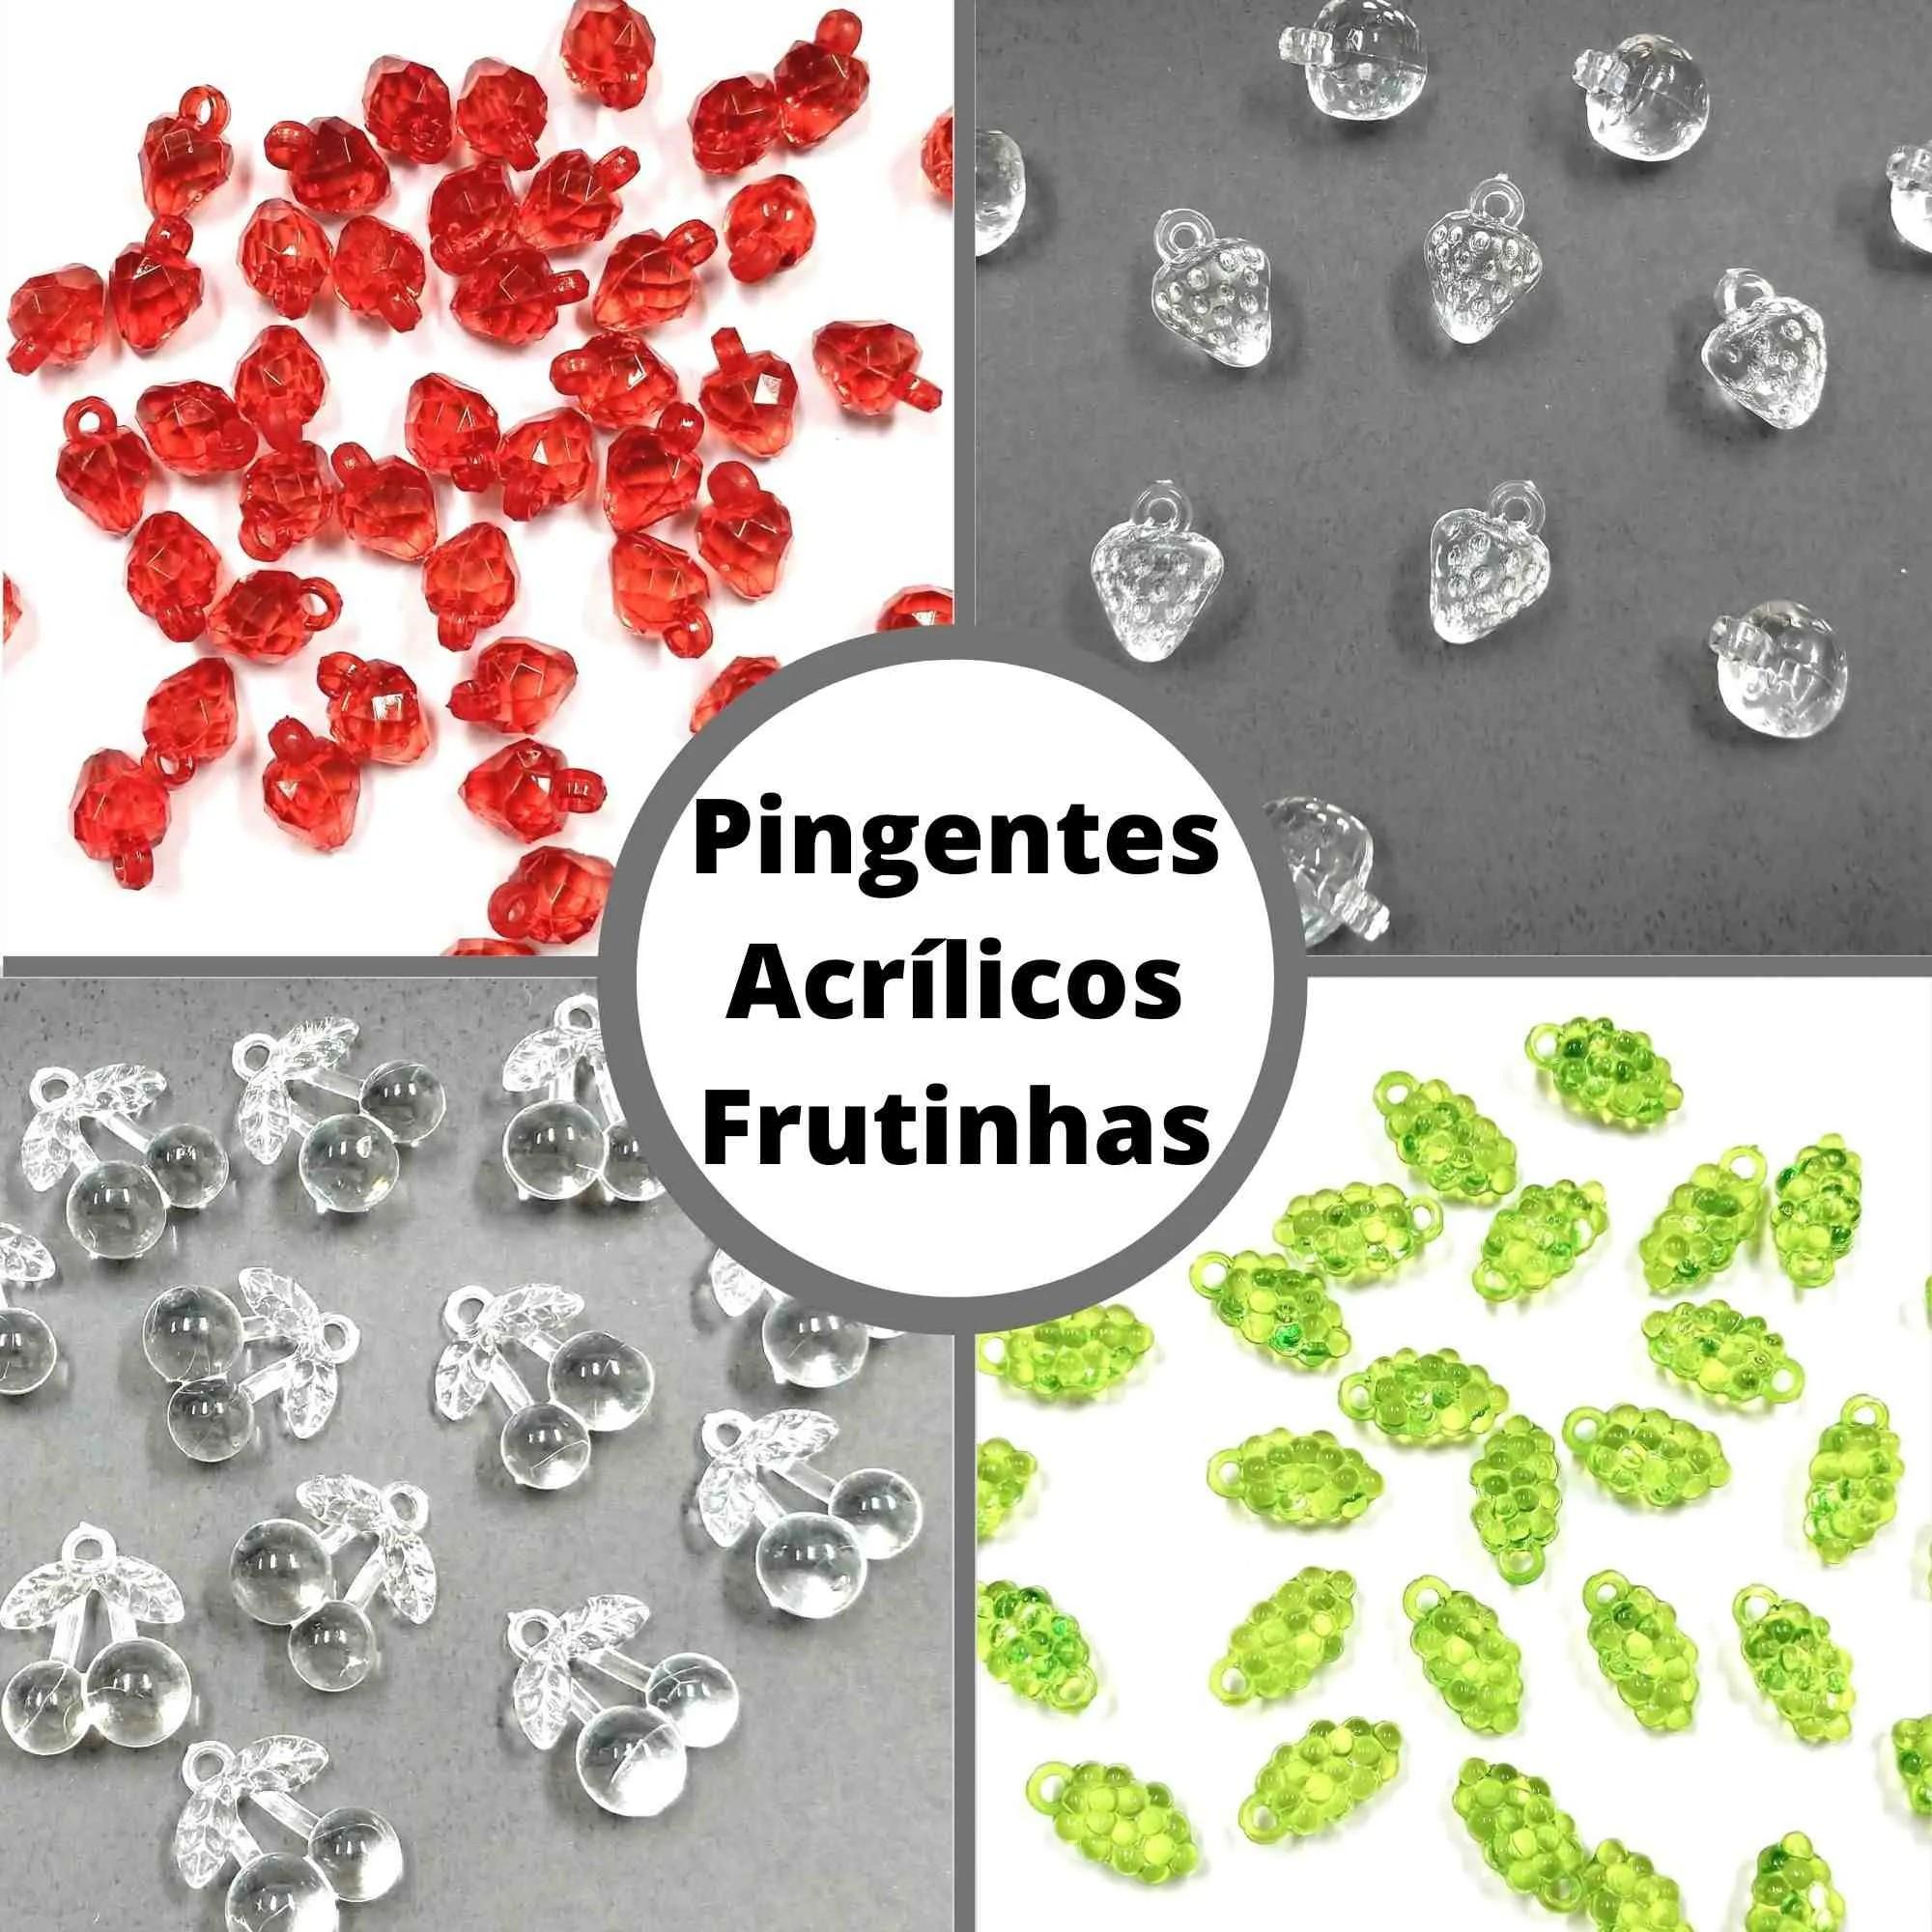 Pingentes Acrílicos de Frutinhas - Tamanhos Diversos - Pacote c/ 500g